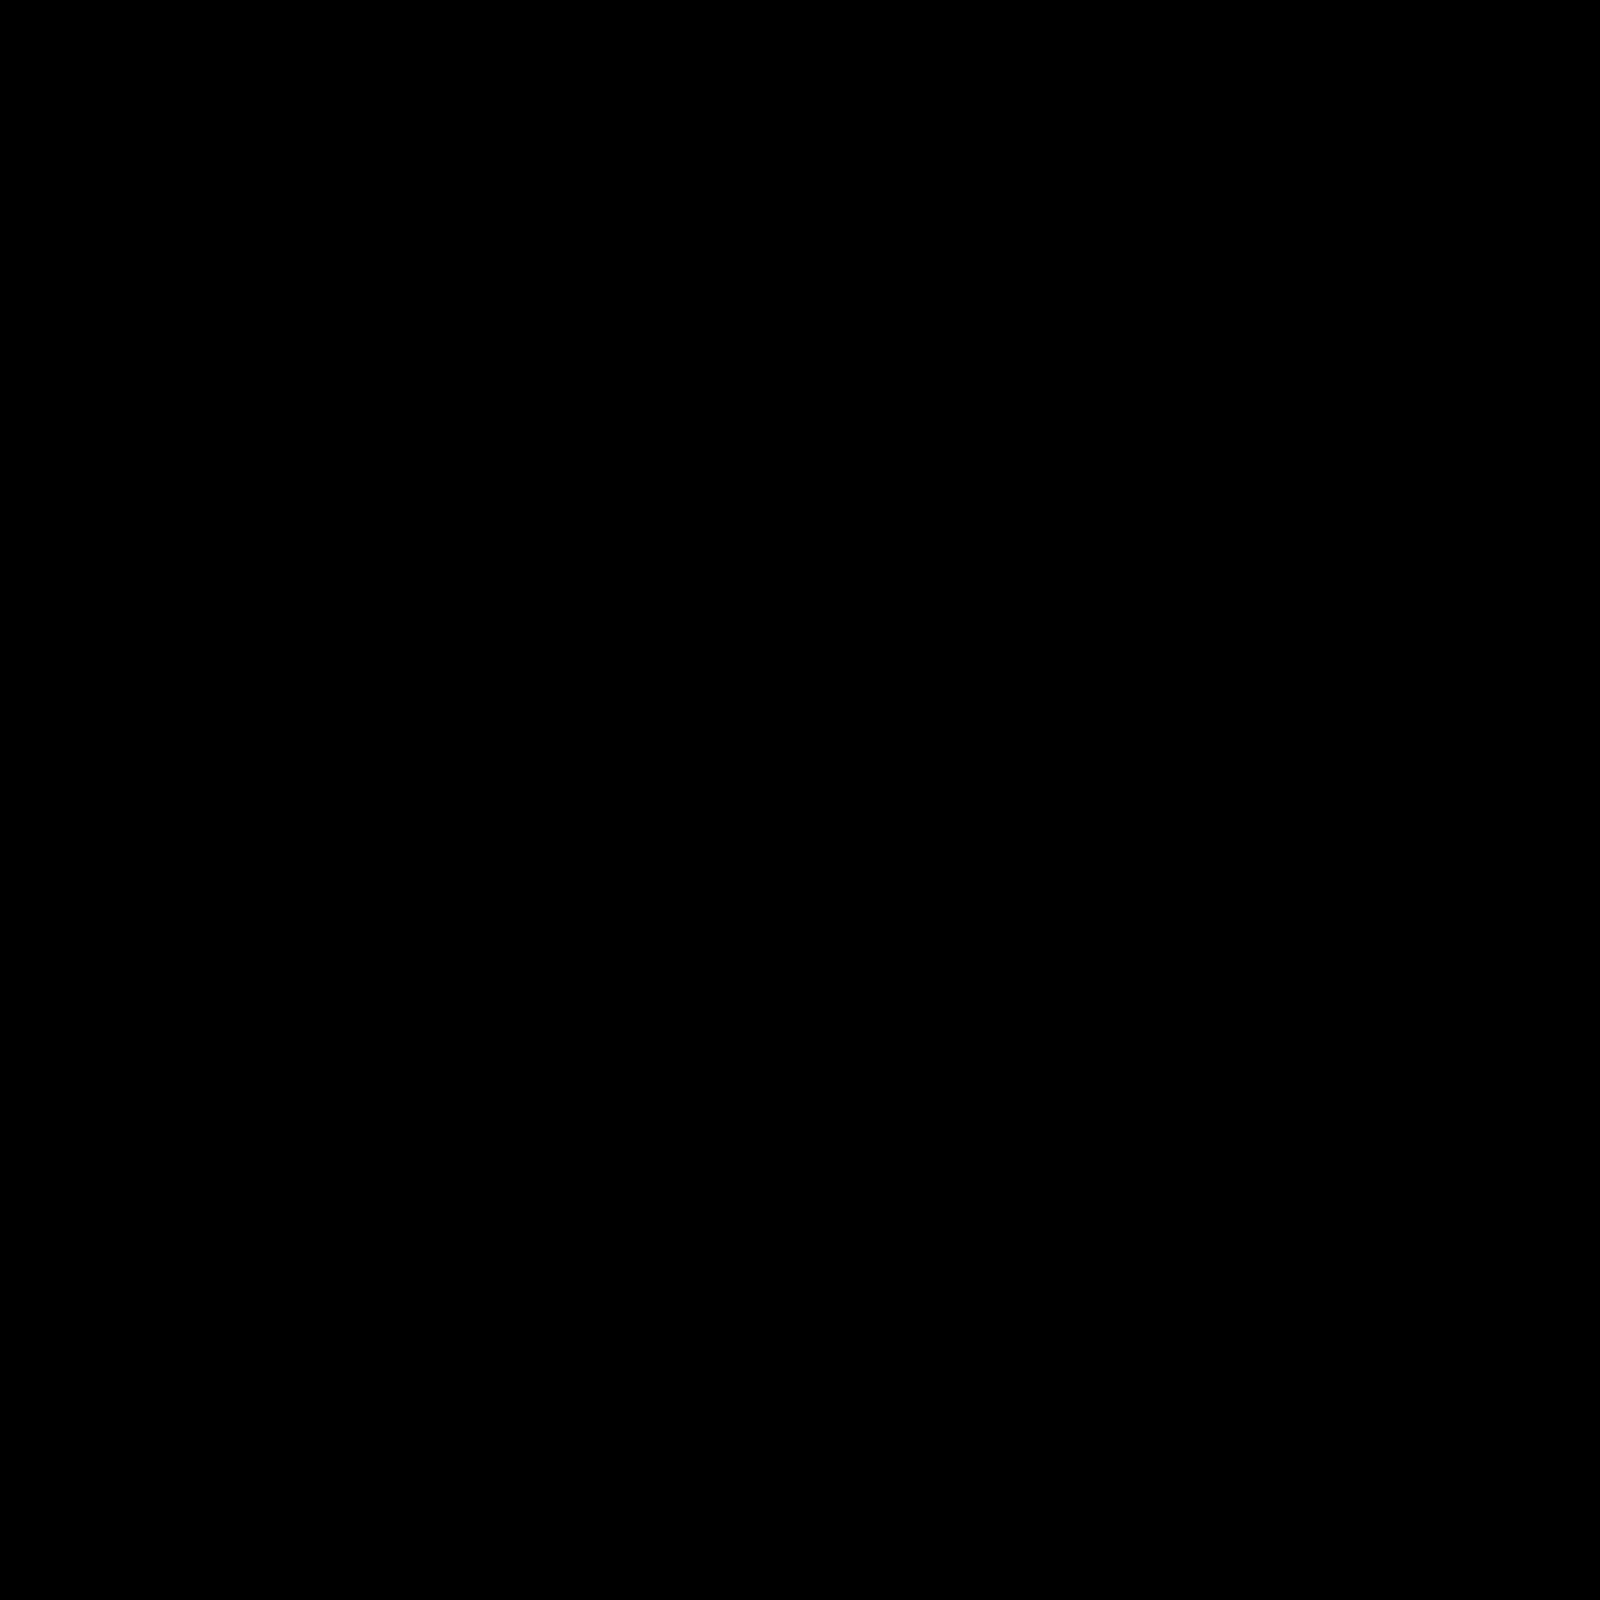 乗馬 icon. This icon is showing a human being mounted on top of a horse. The human is holding onto the back of the horses' neck, and the horse is shown walking with one foot in the air.